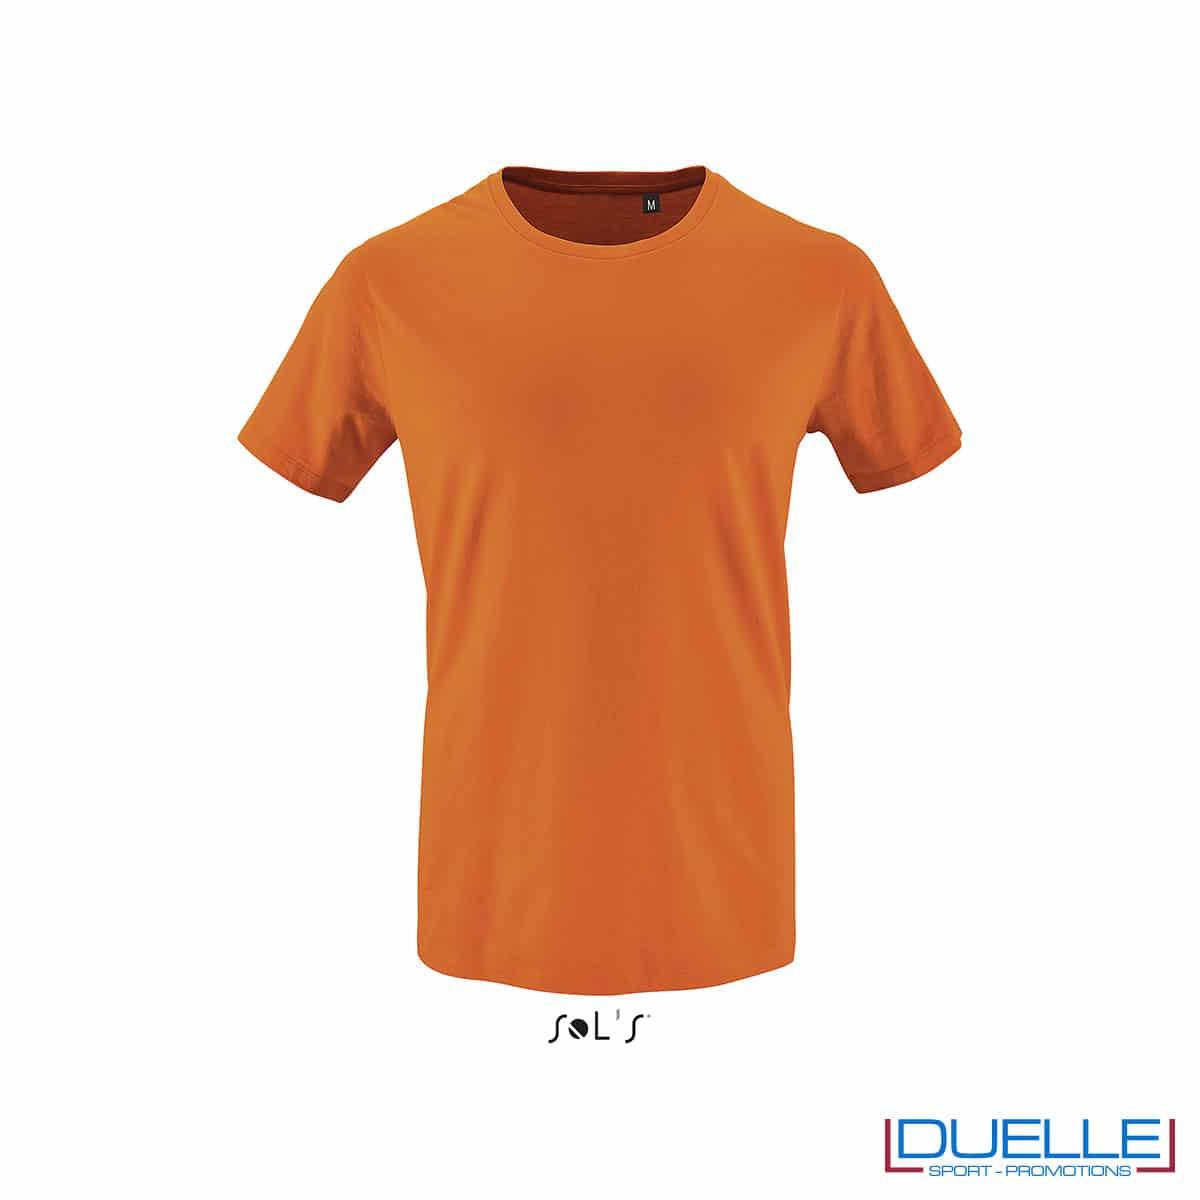 T-shirt 100% cotone biologico colore arancione personalizzata con il tuo logo